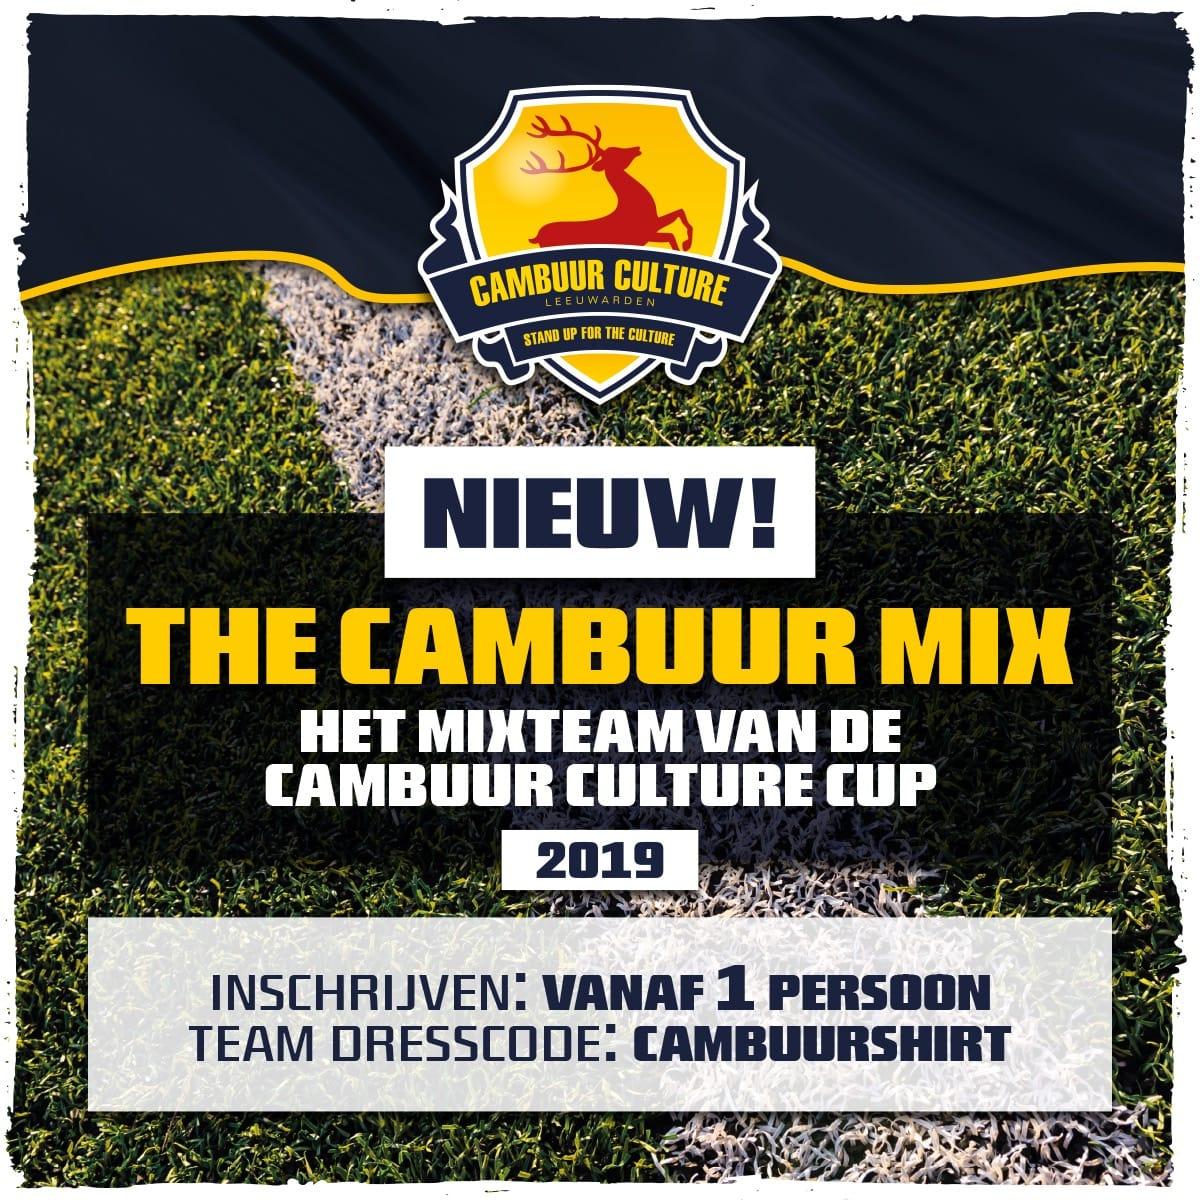 Mee doen aan de Cambuur Culture Cup, maar niet genoeg spelers? Geef je op voor het mixteam! Je betaalt per persoon en inschrijven kan via: http://webshop.sccambuurculture.nl/ #TheCambuurMix